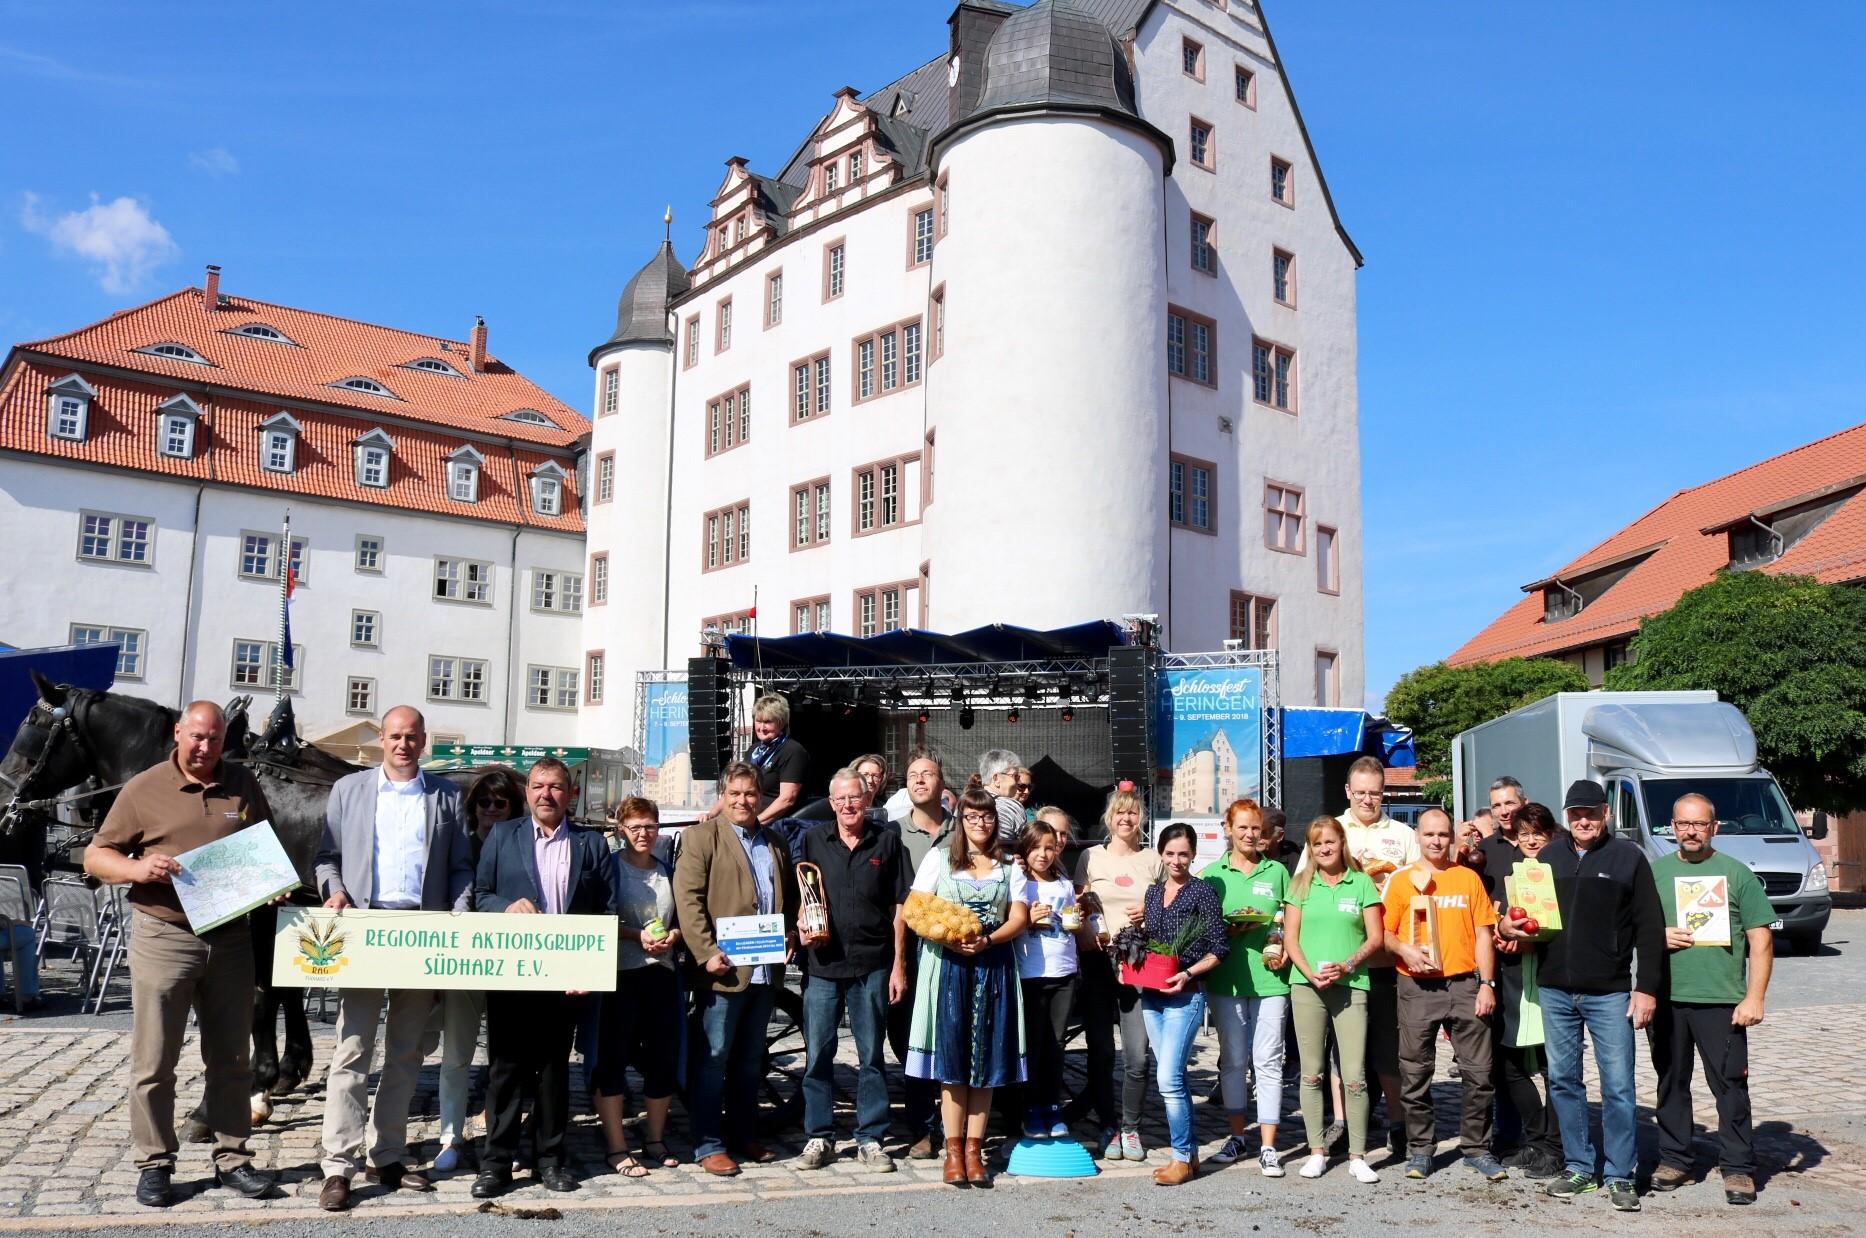 Ein Schlossmarkt für regionale Produkte mit toller Kulisse!.jpg